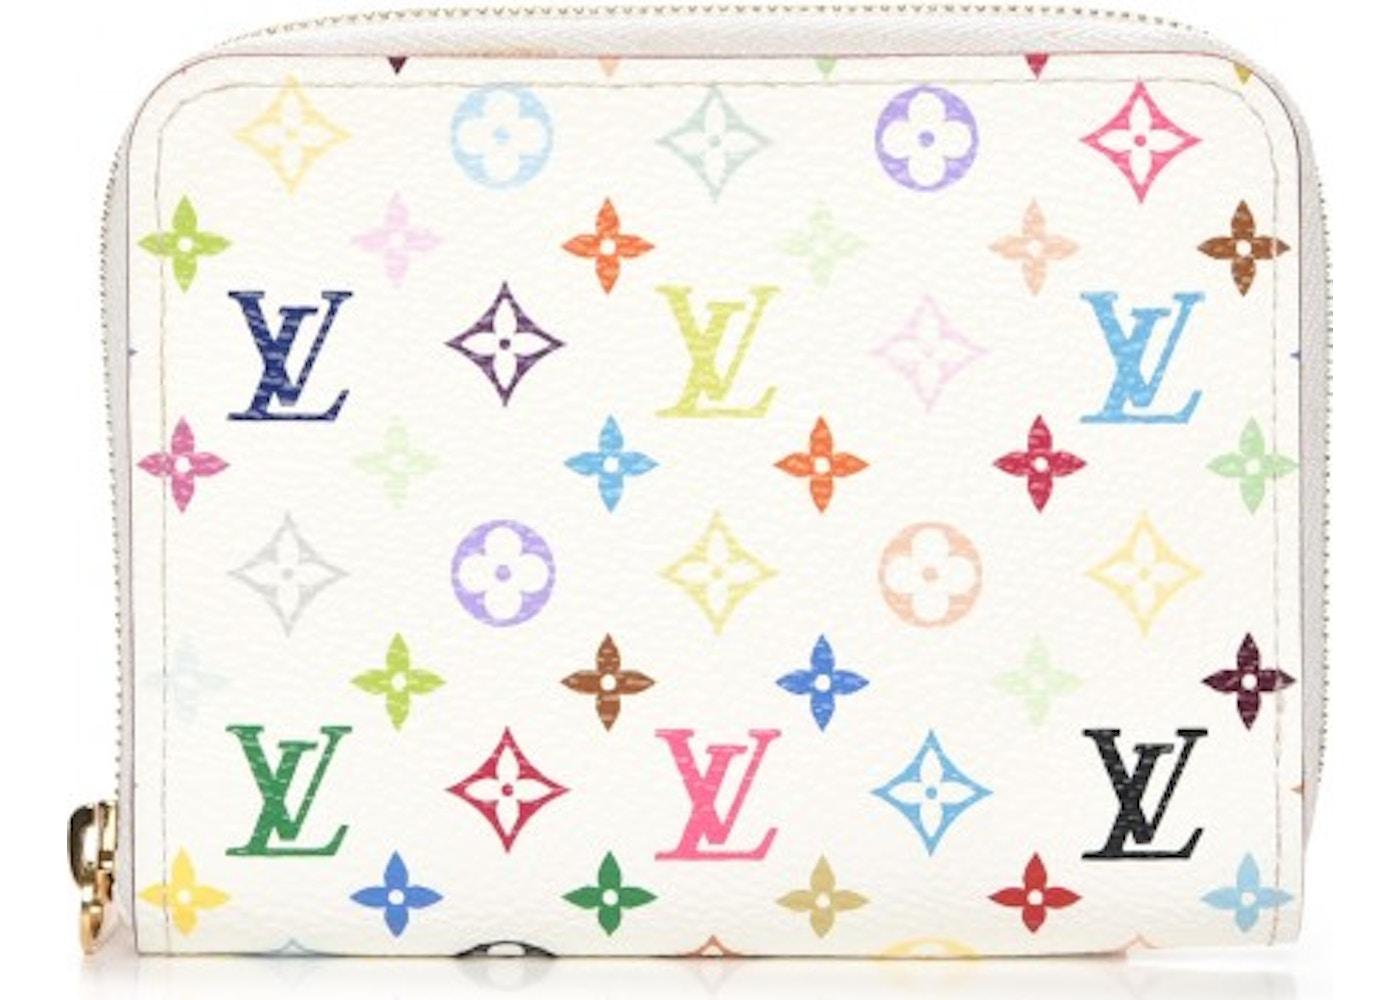 69077ddd6a82 Louis Vuitton Wallet Zippy Coin Purse Monogram Multicolor White Litchi